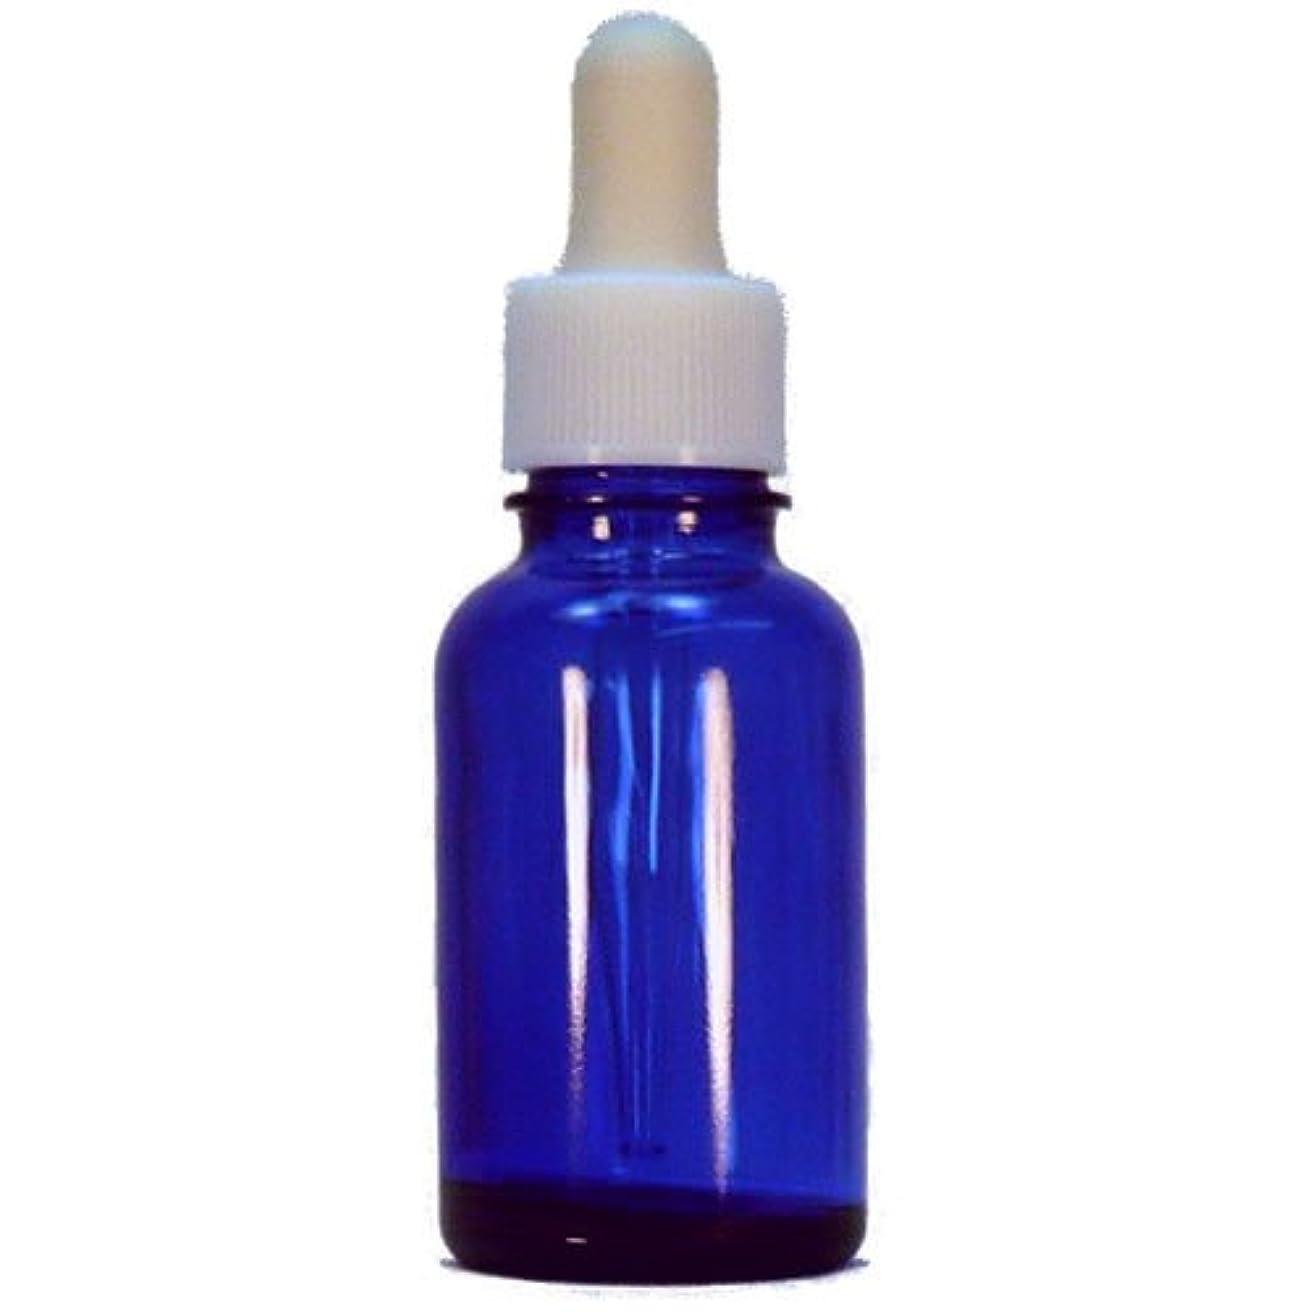 キノコ気分集中ミキシングボトル ブルー 20ml 12本セット